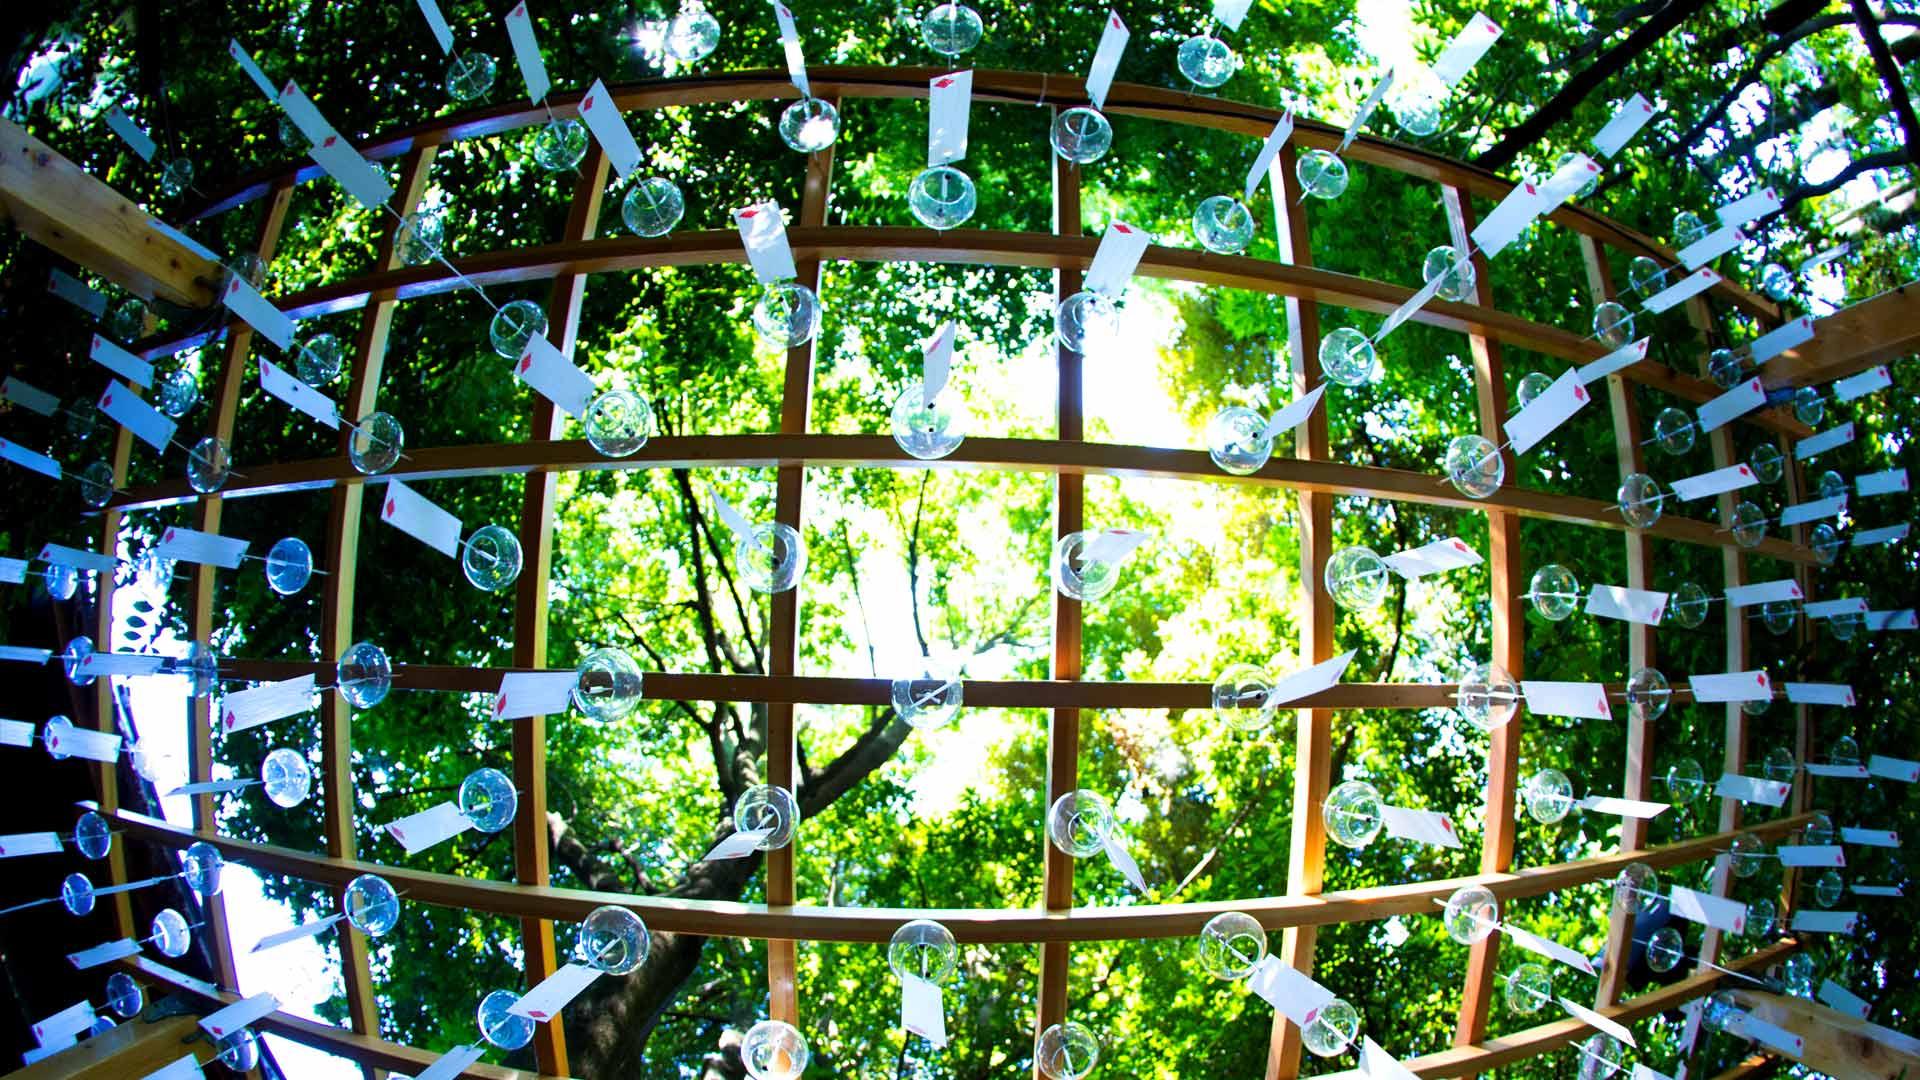 「風鈴祭り」埼玉, 川越 (© motion.imaging/Shutterstock)